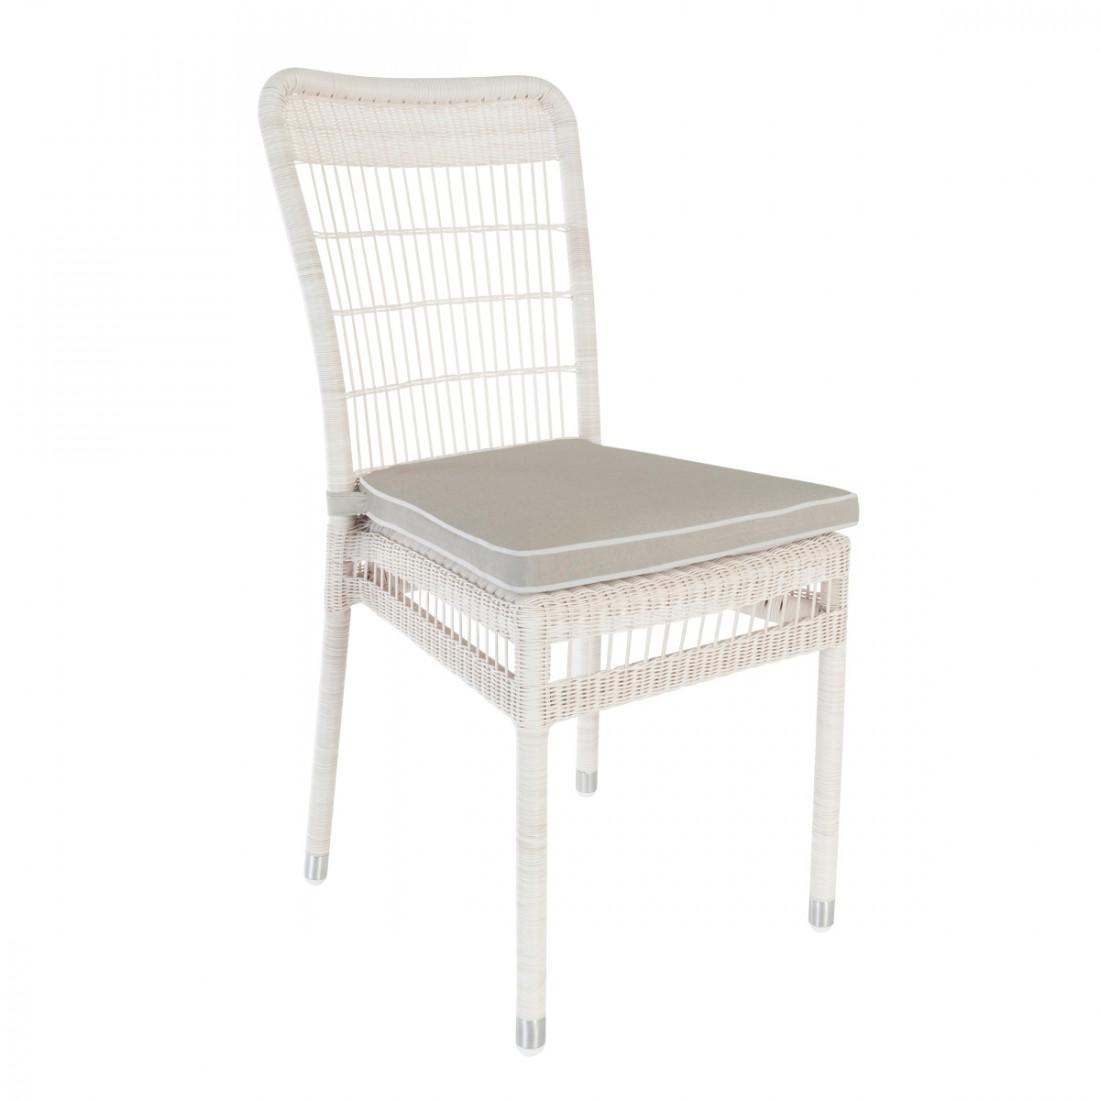 chaise de jardin en rsine biarritz avec coussin - Chaise De